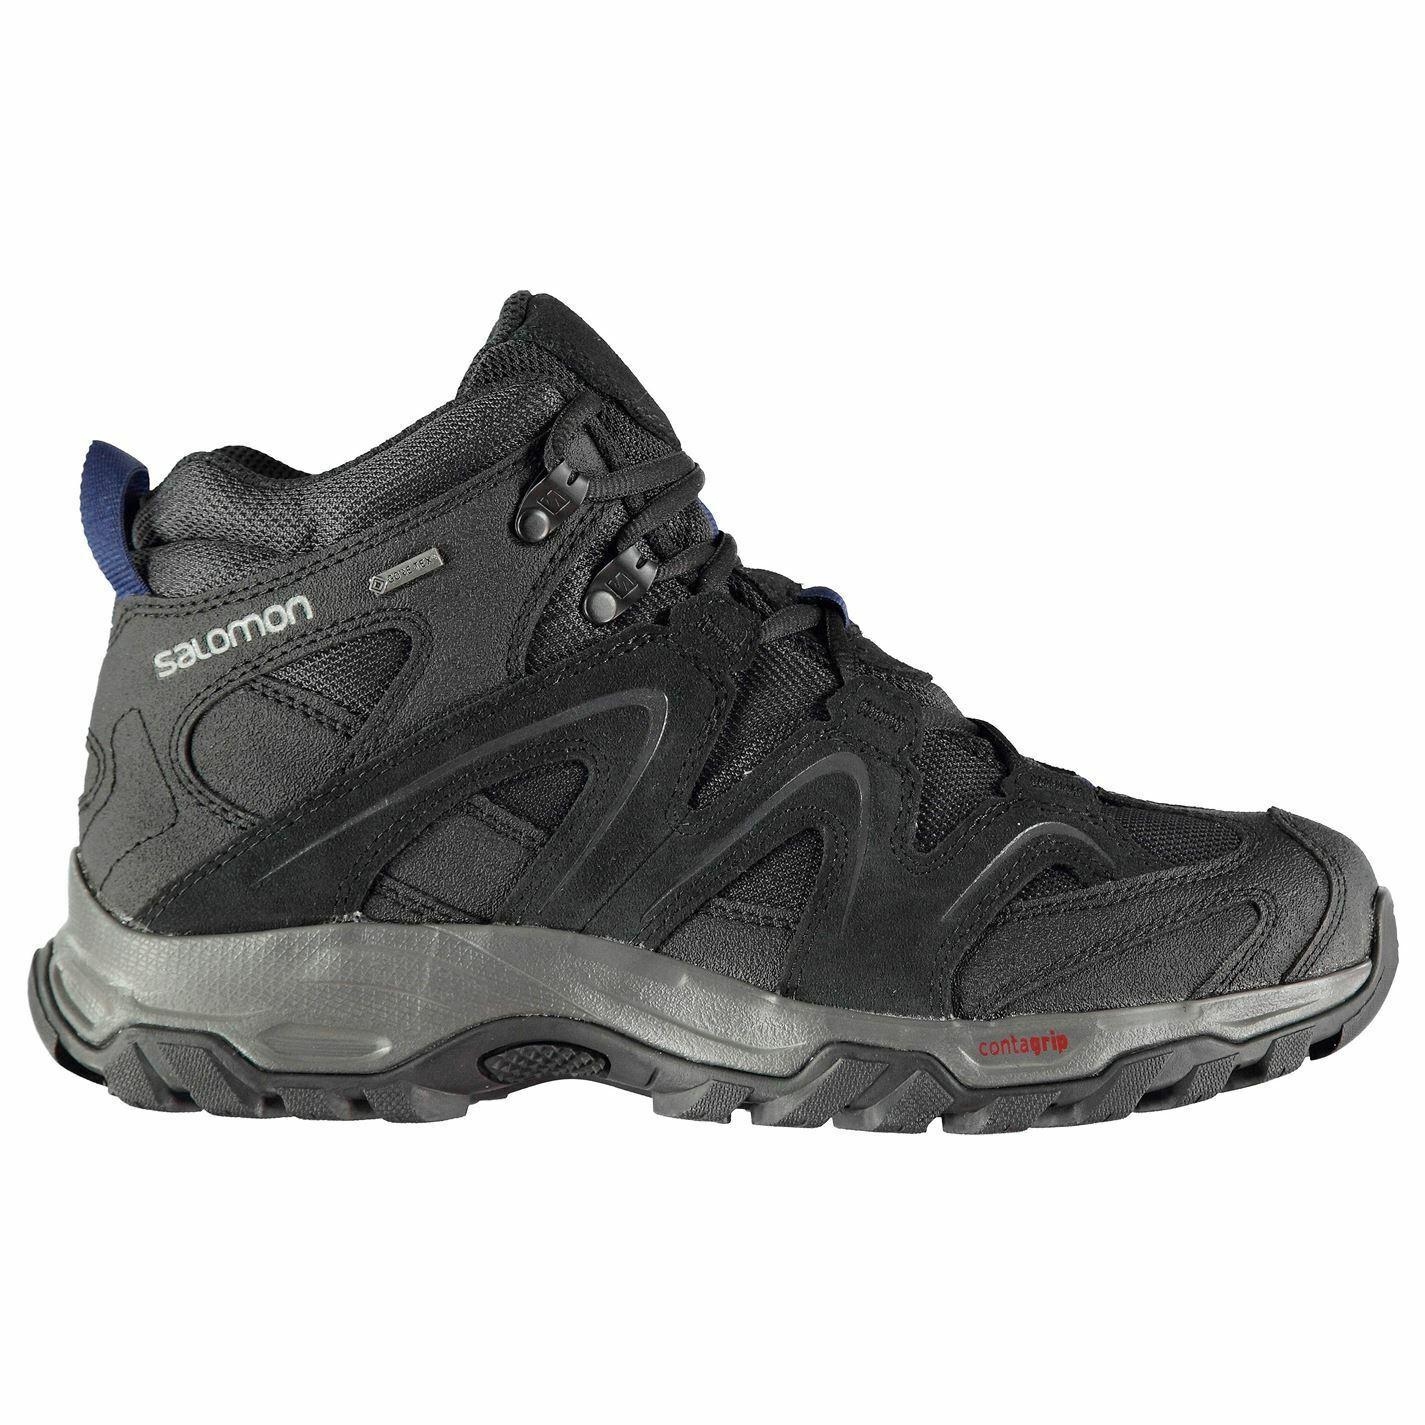 Salomon vandon Gore-Tex botas a media caminando  para Hombre Negro Zapatos Para Senderismo y Trekking  la mejor selección de